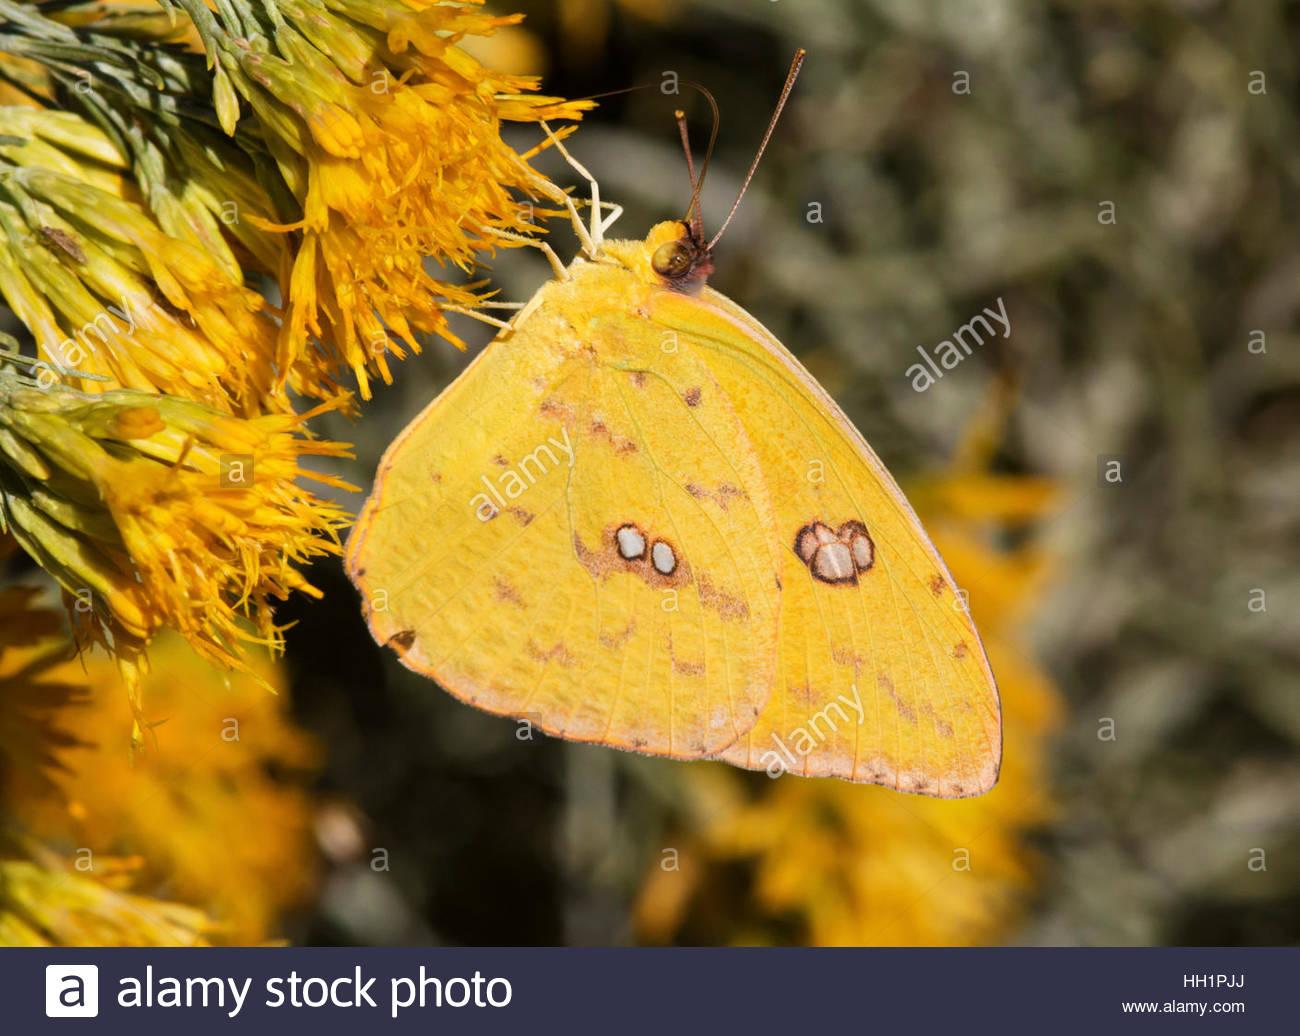 Sưu tập Bộ cánh vảy 3 - Page 18 Cloudless-sulphur-phoebis-sennae-butterfly-pieridae-subfamily-coliadinae-HH1PJJ